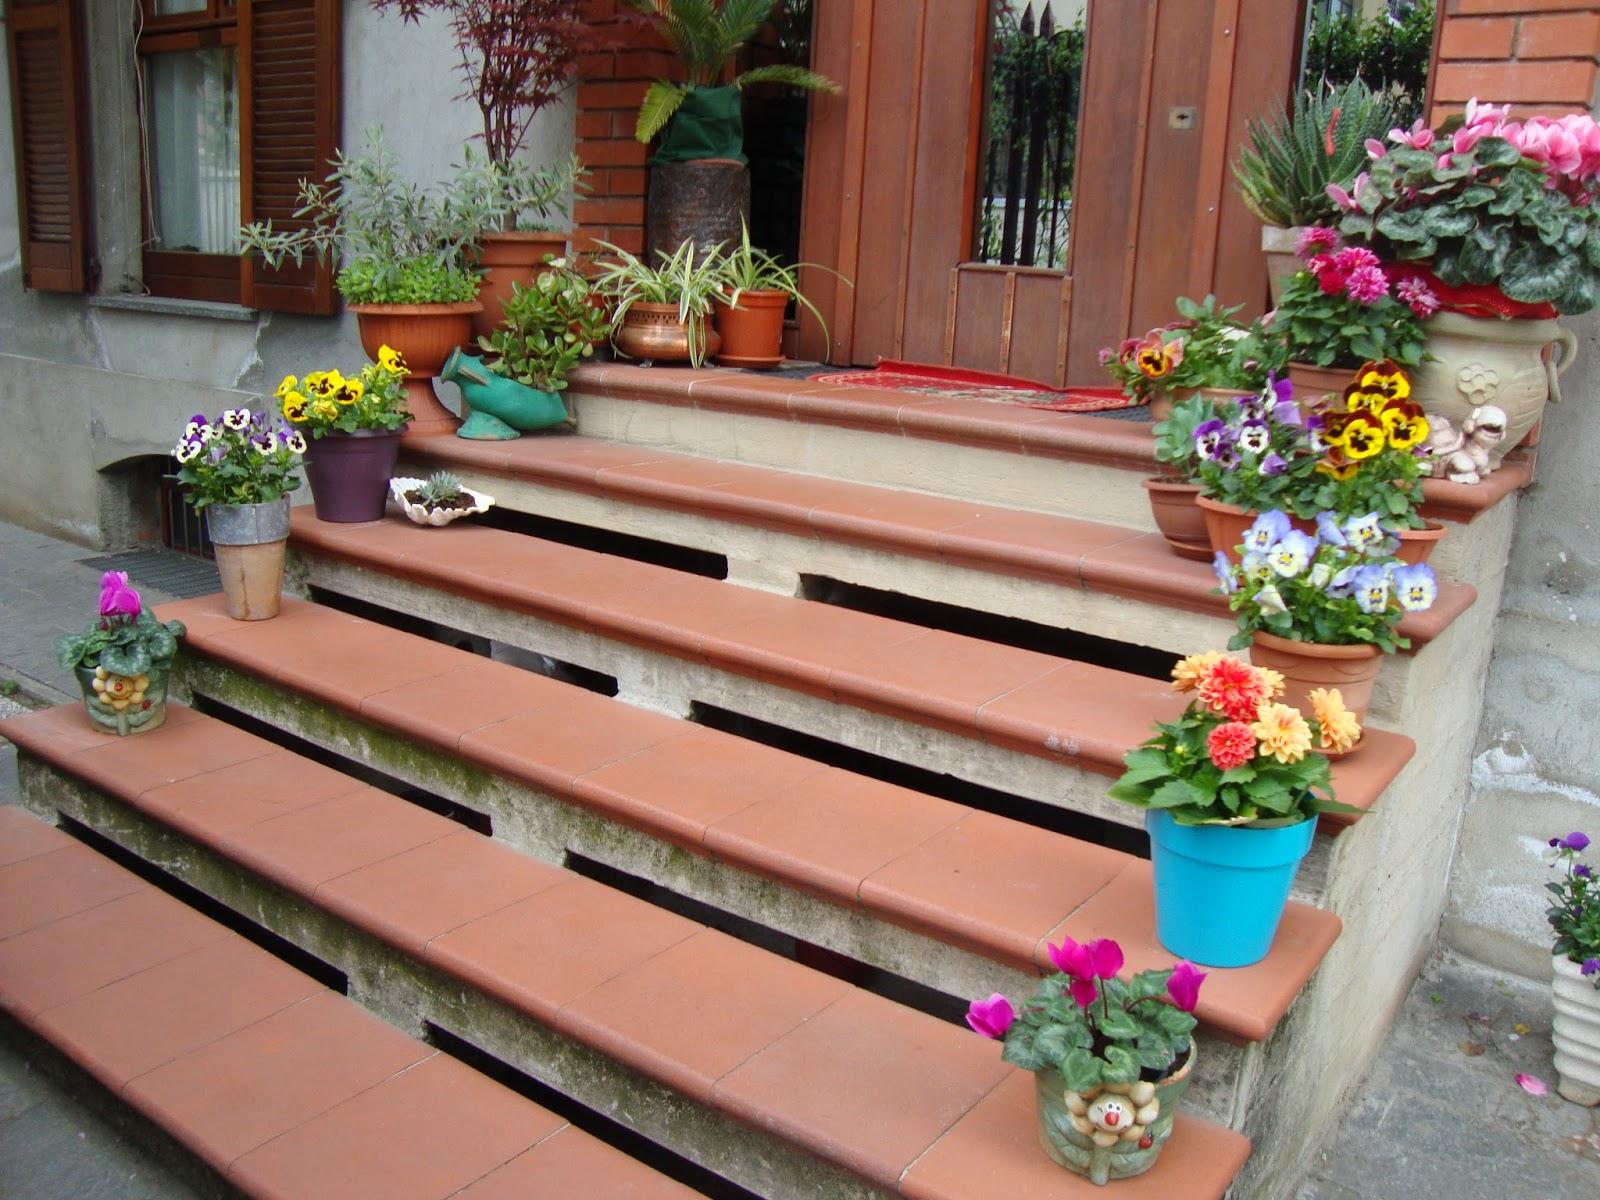 Un piccolo giardino in citt fiori e piante sulle scale - Idee decoro casa ...